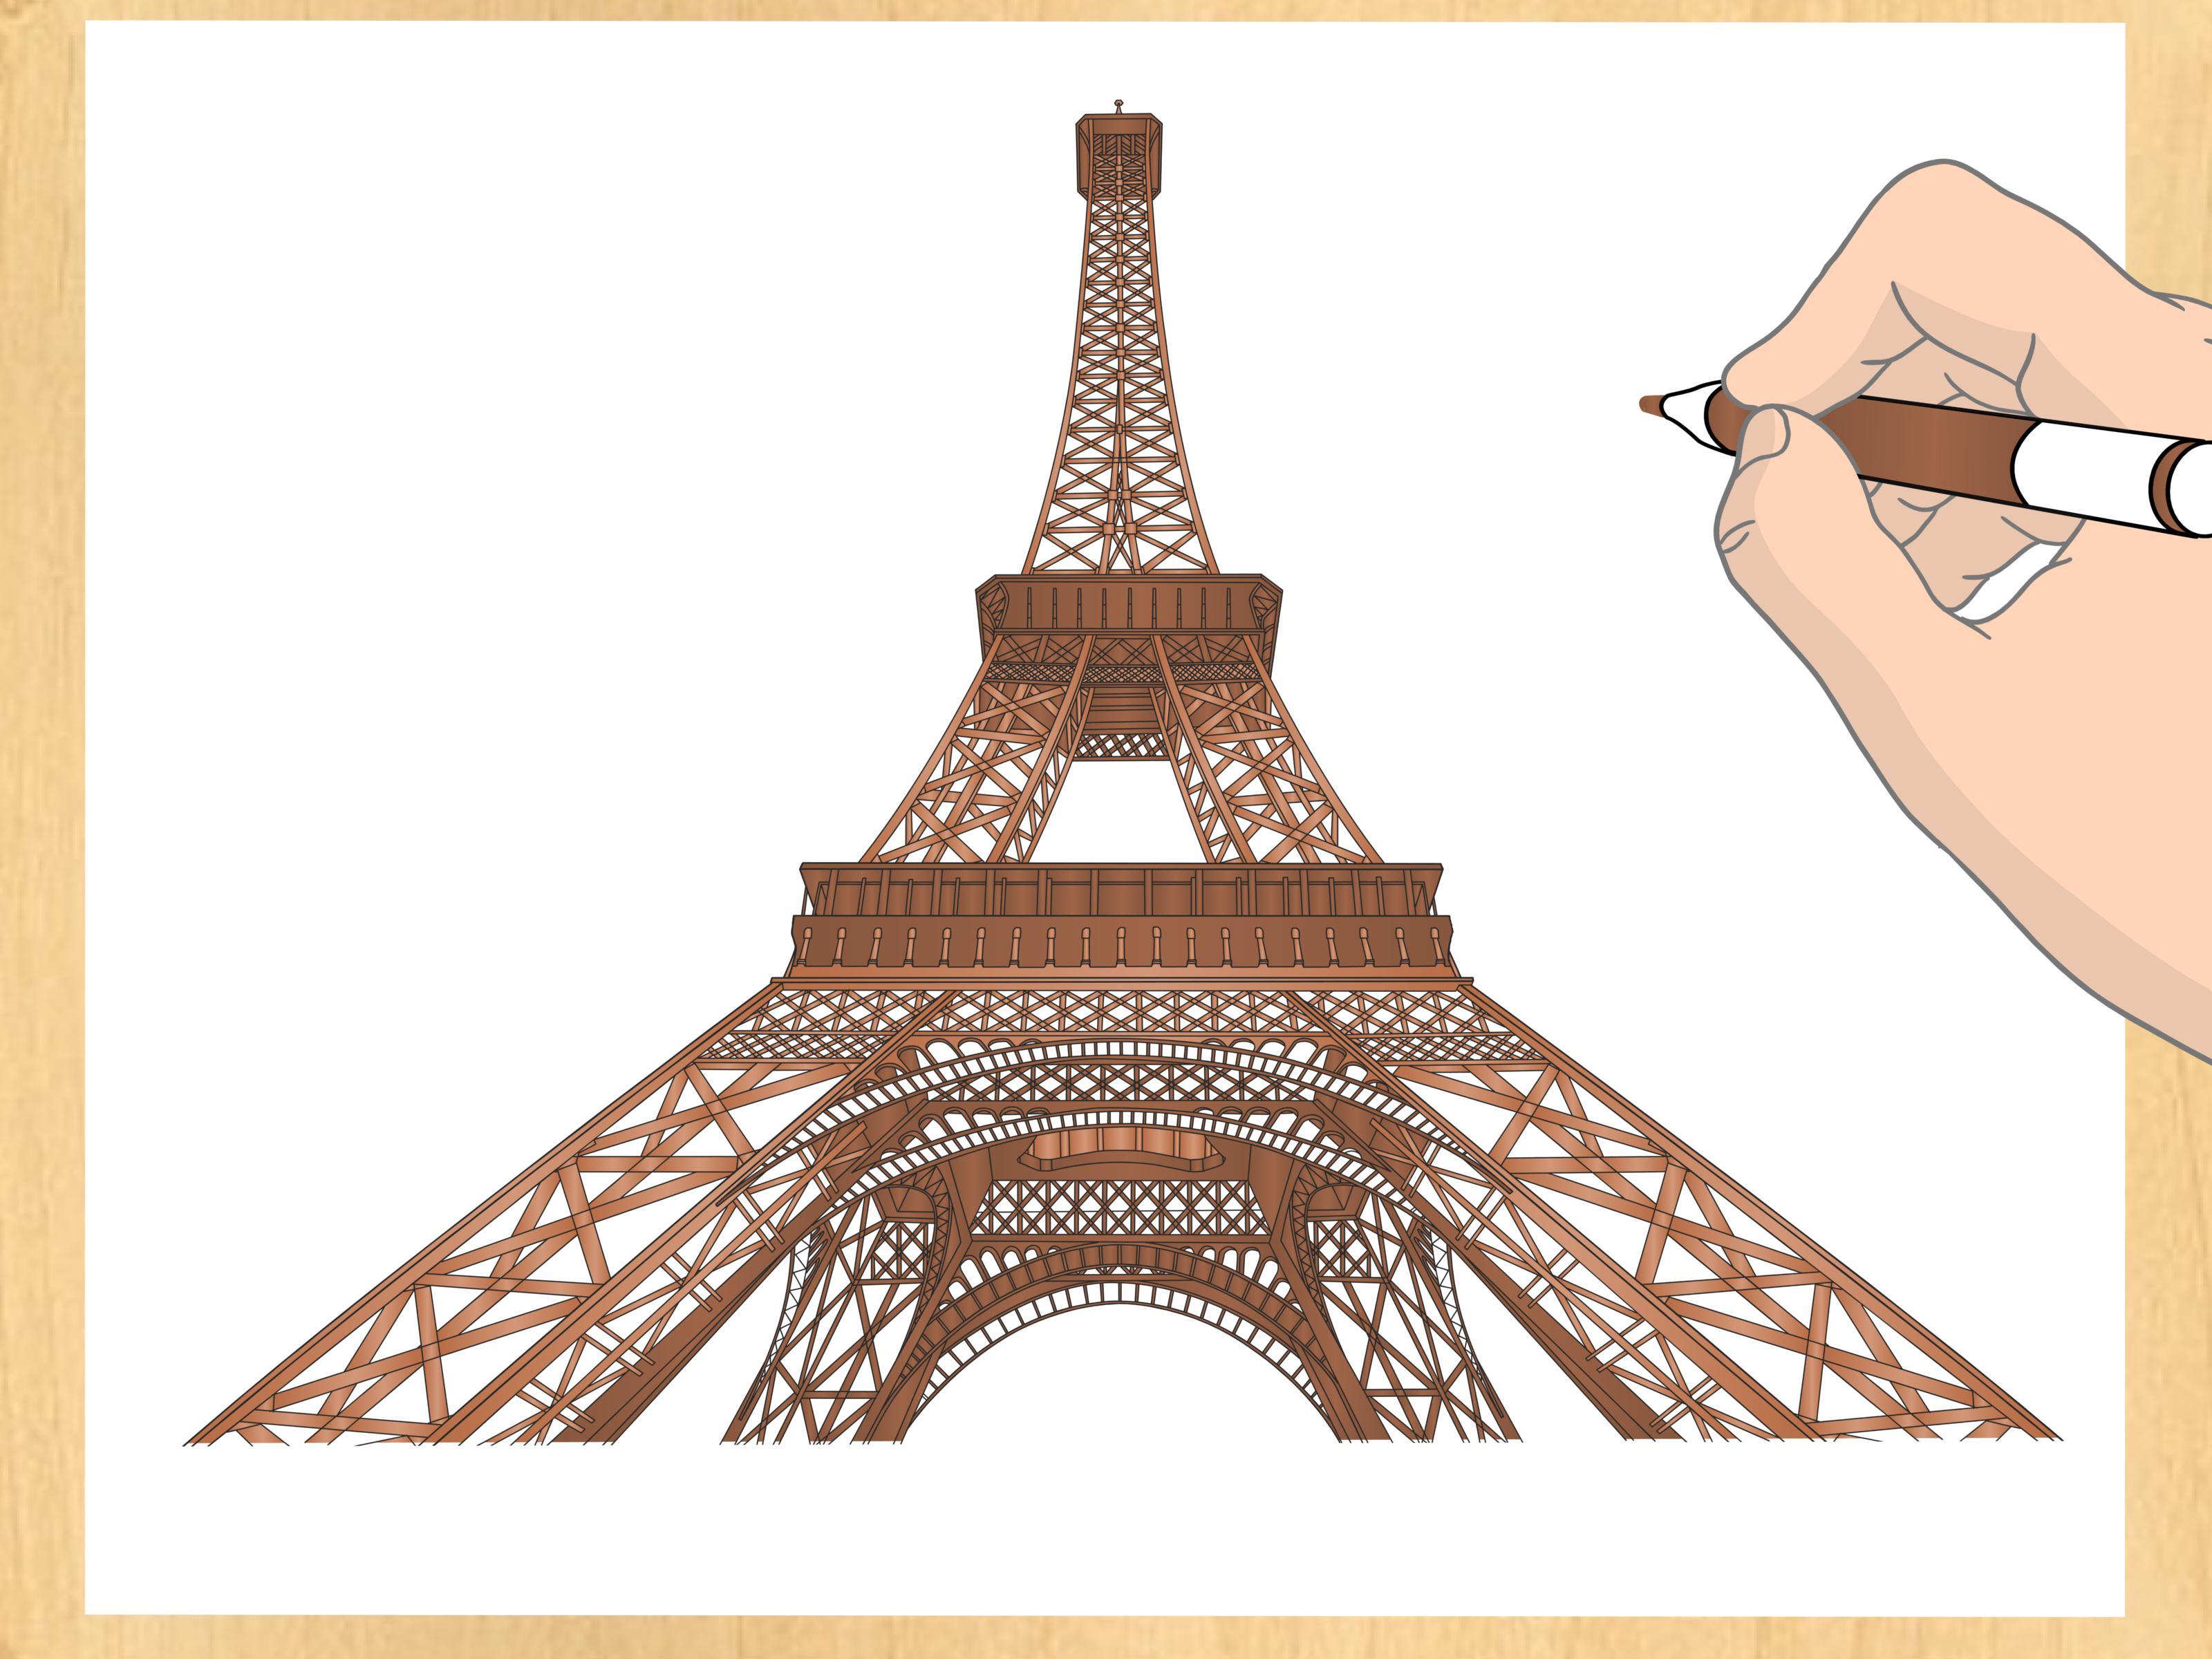 Comment Dessiner La Tour Eiffel: 14 Étapes tout Tour Effel Dessin